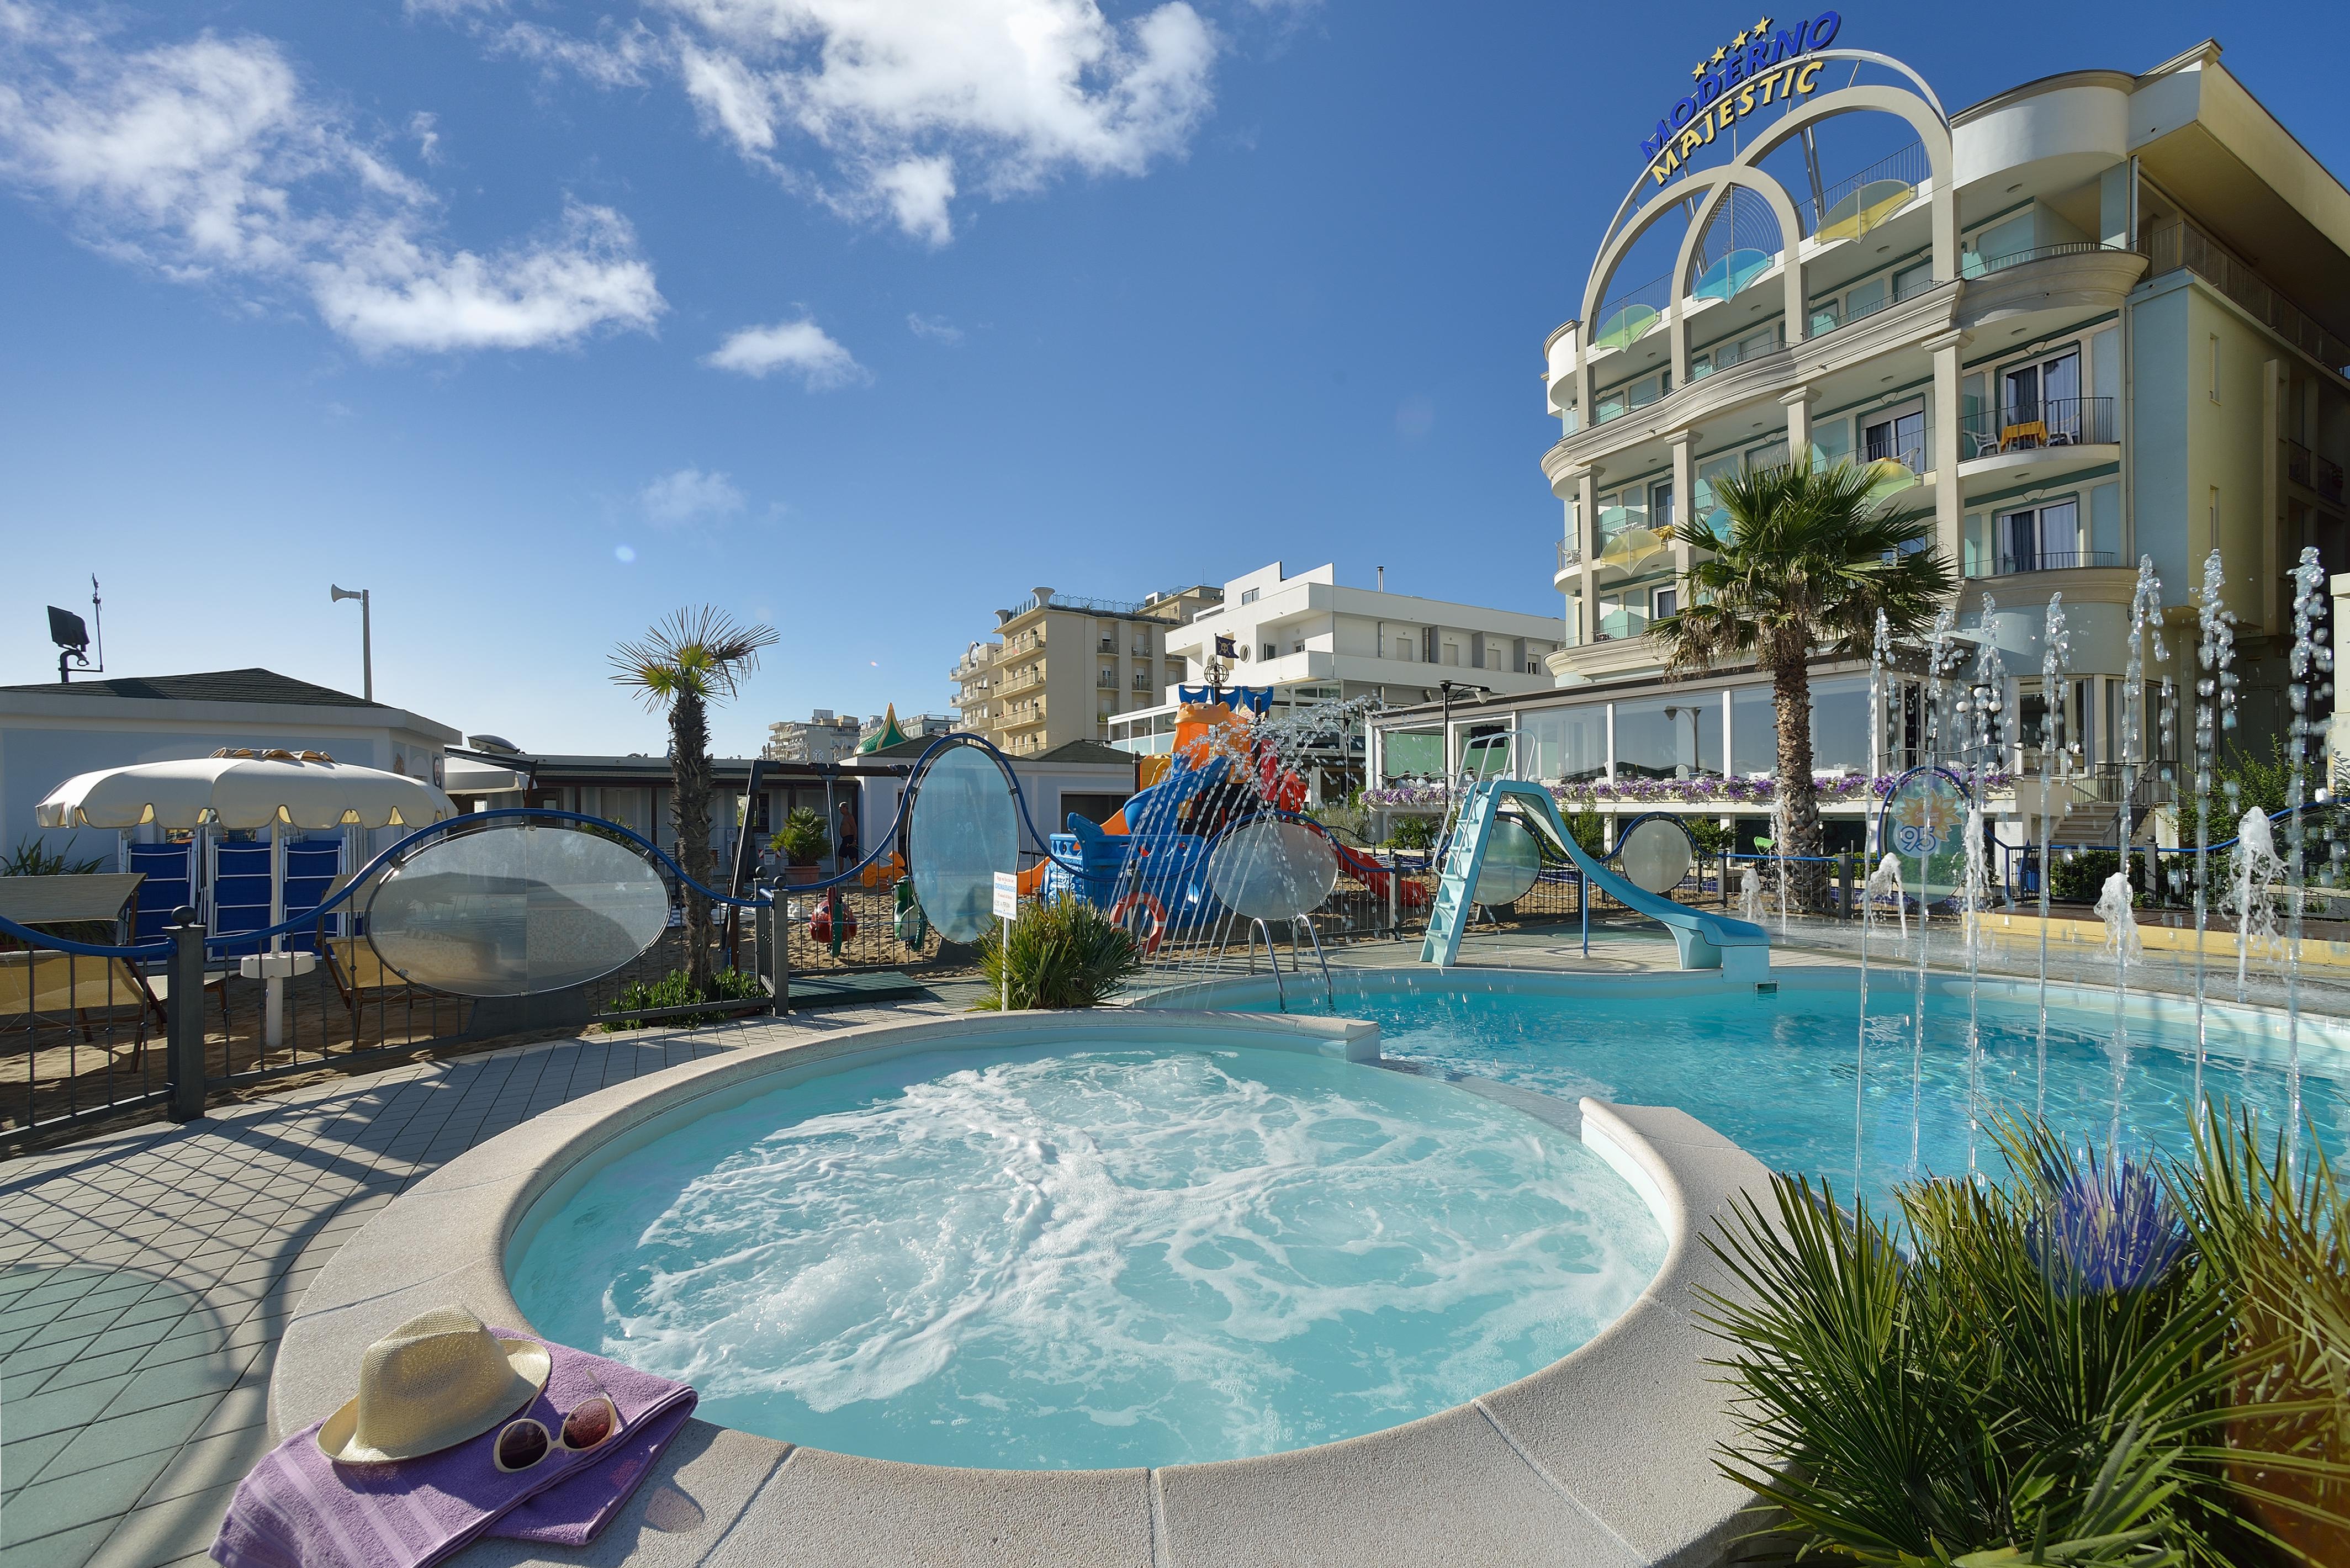 La nostra spiaggia hotel moderno majestic - Cattolica hotel con piscina coperta ...